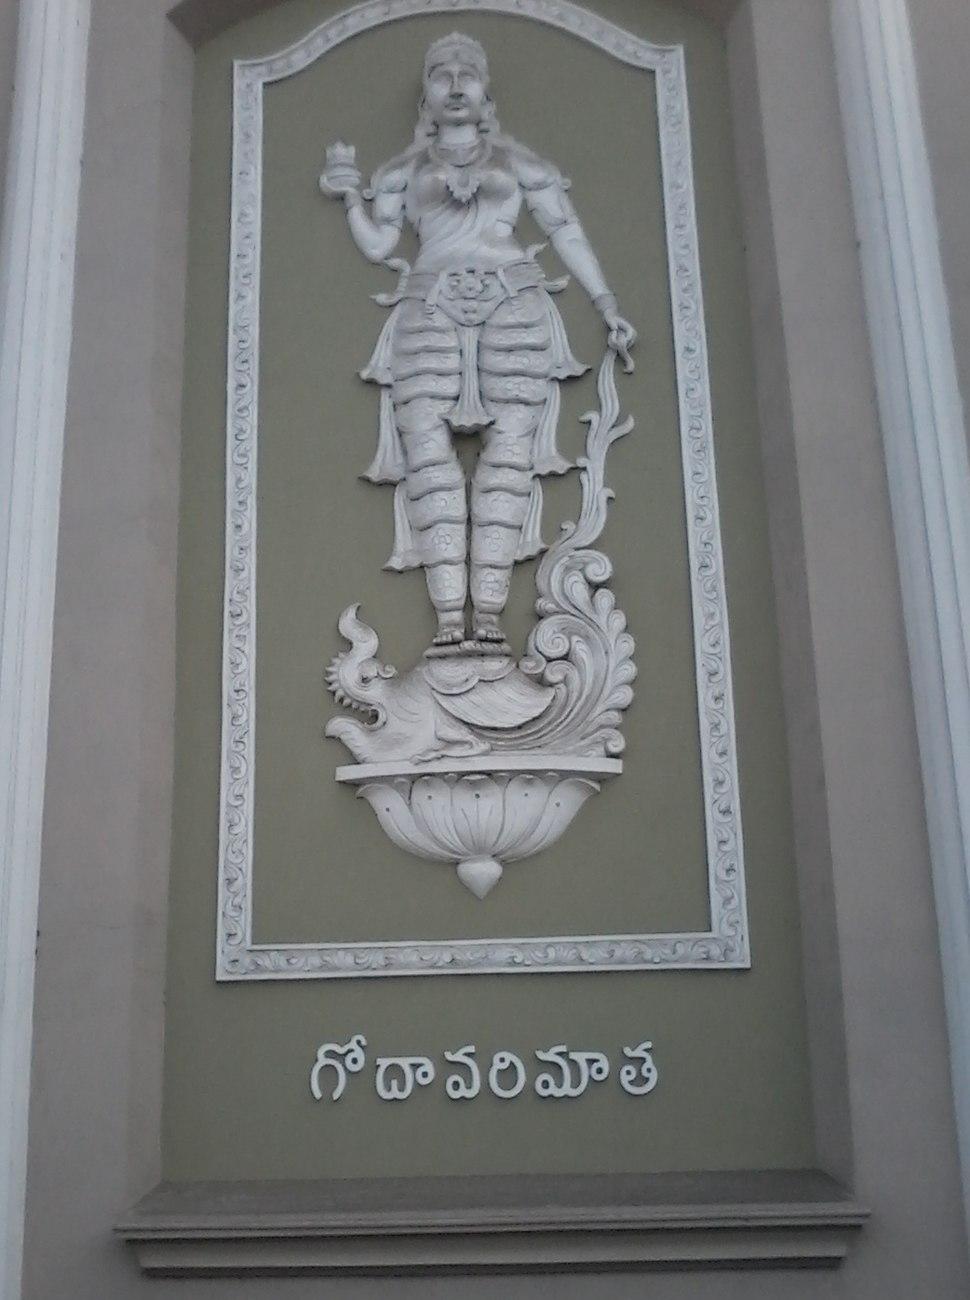 Godavari matha statue